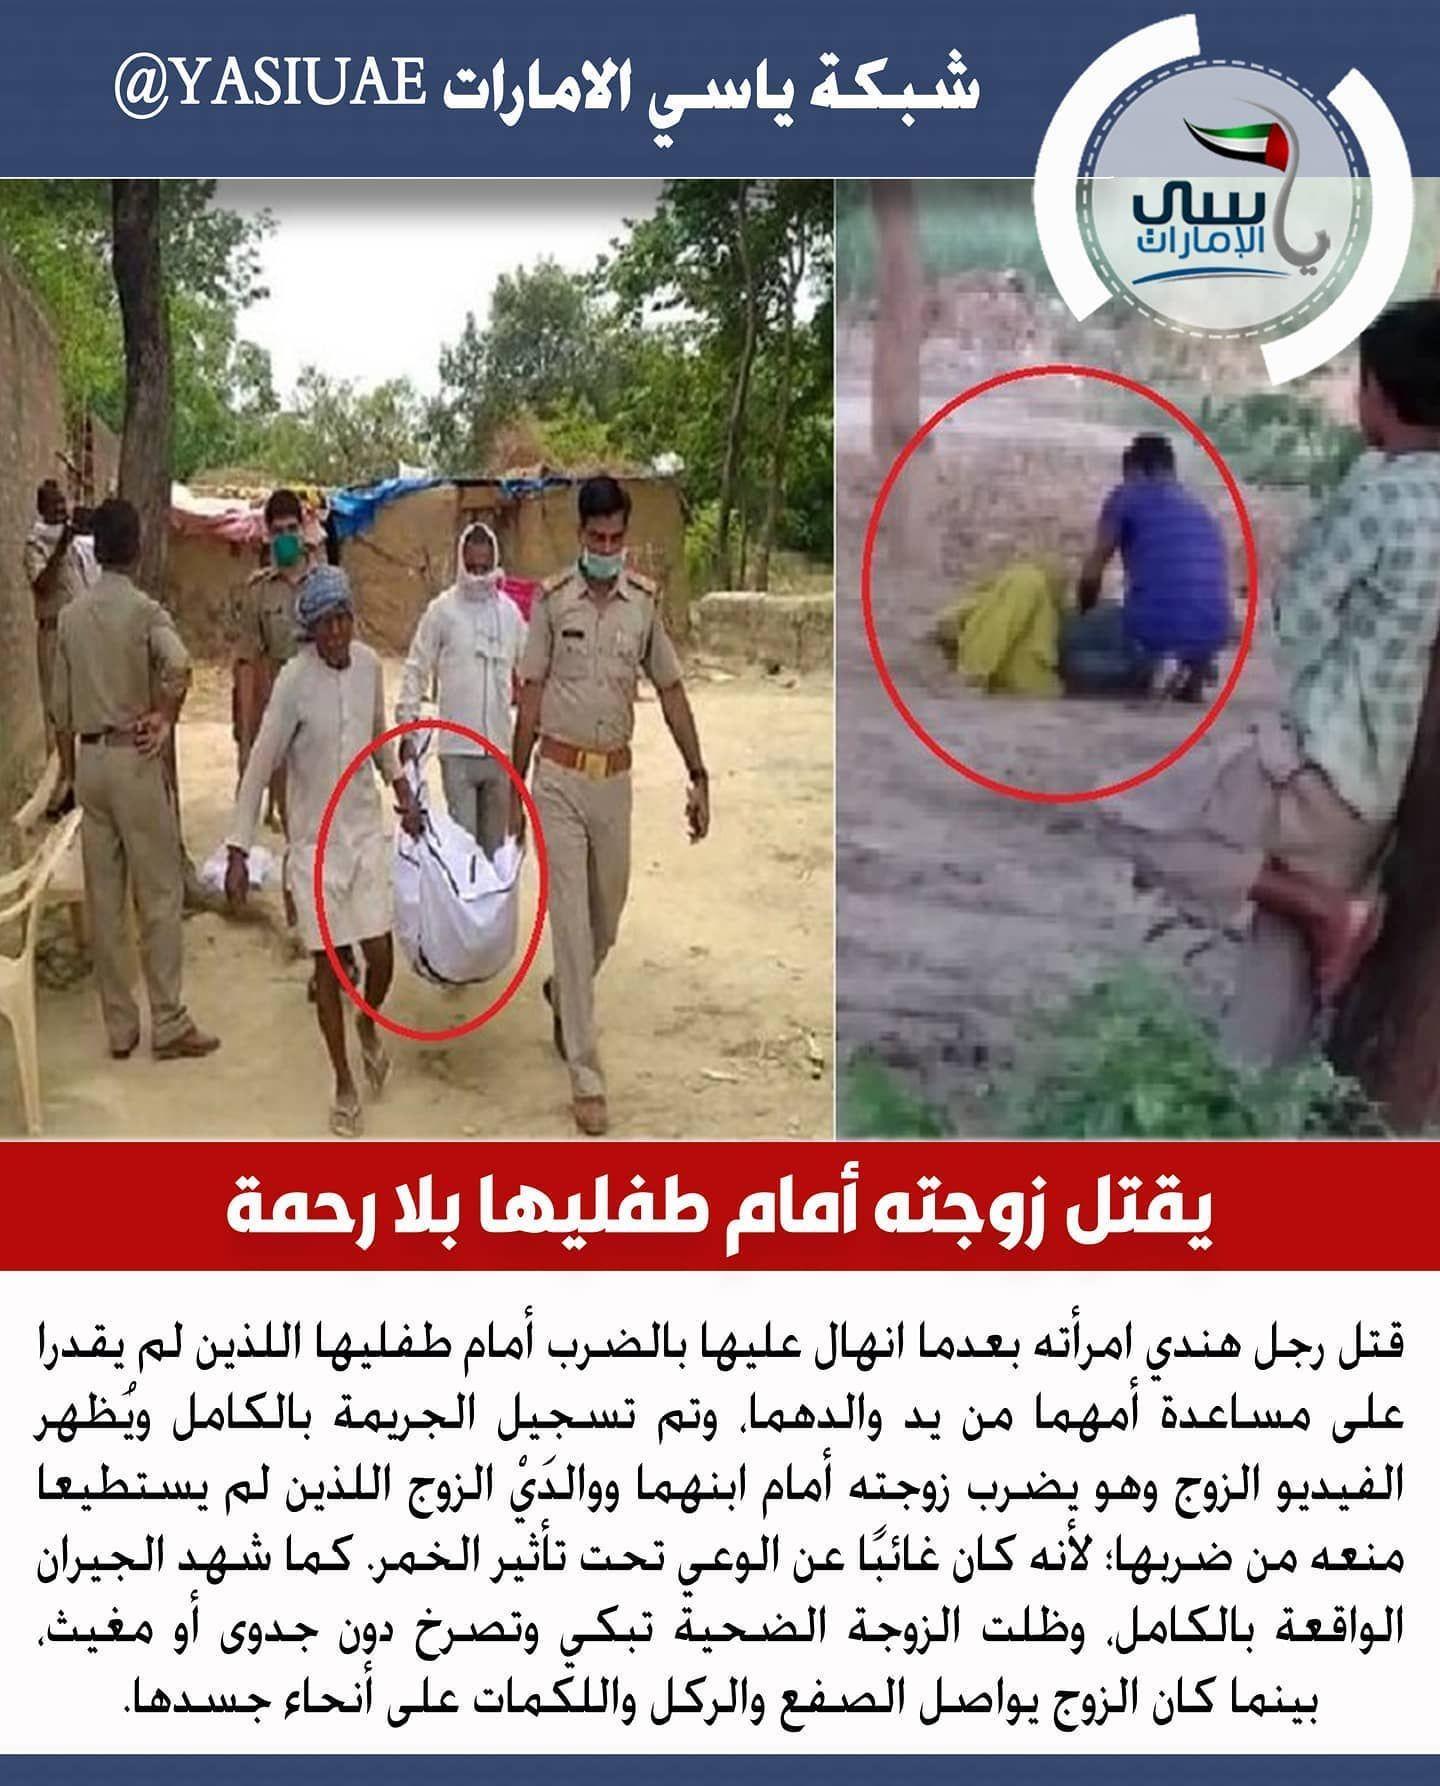 الهند يقتل زوجته أمام طفليها بلارحمة Www Yasiuae Net ياسي الامارات شبكة ياسي الامارات شبكة ياسي الامارات الاخبارية أخبار Baseball Cards Sports Baseball